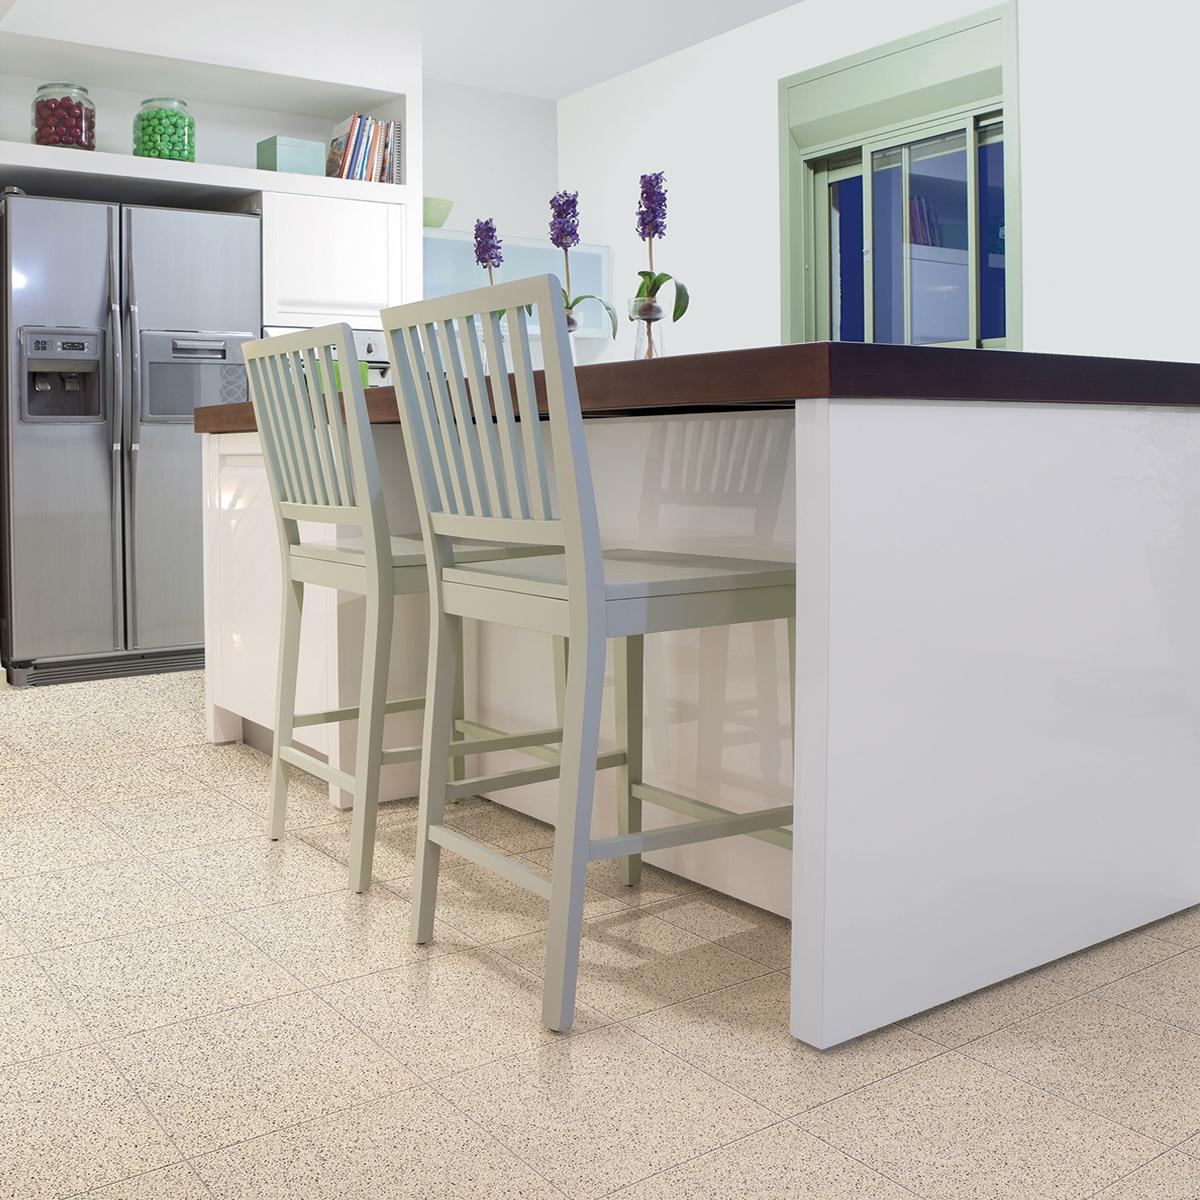 Piso Granito II Beige Brillante - 60X60 cm - 1.80 m2